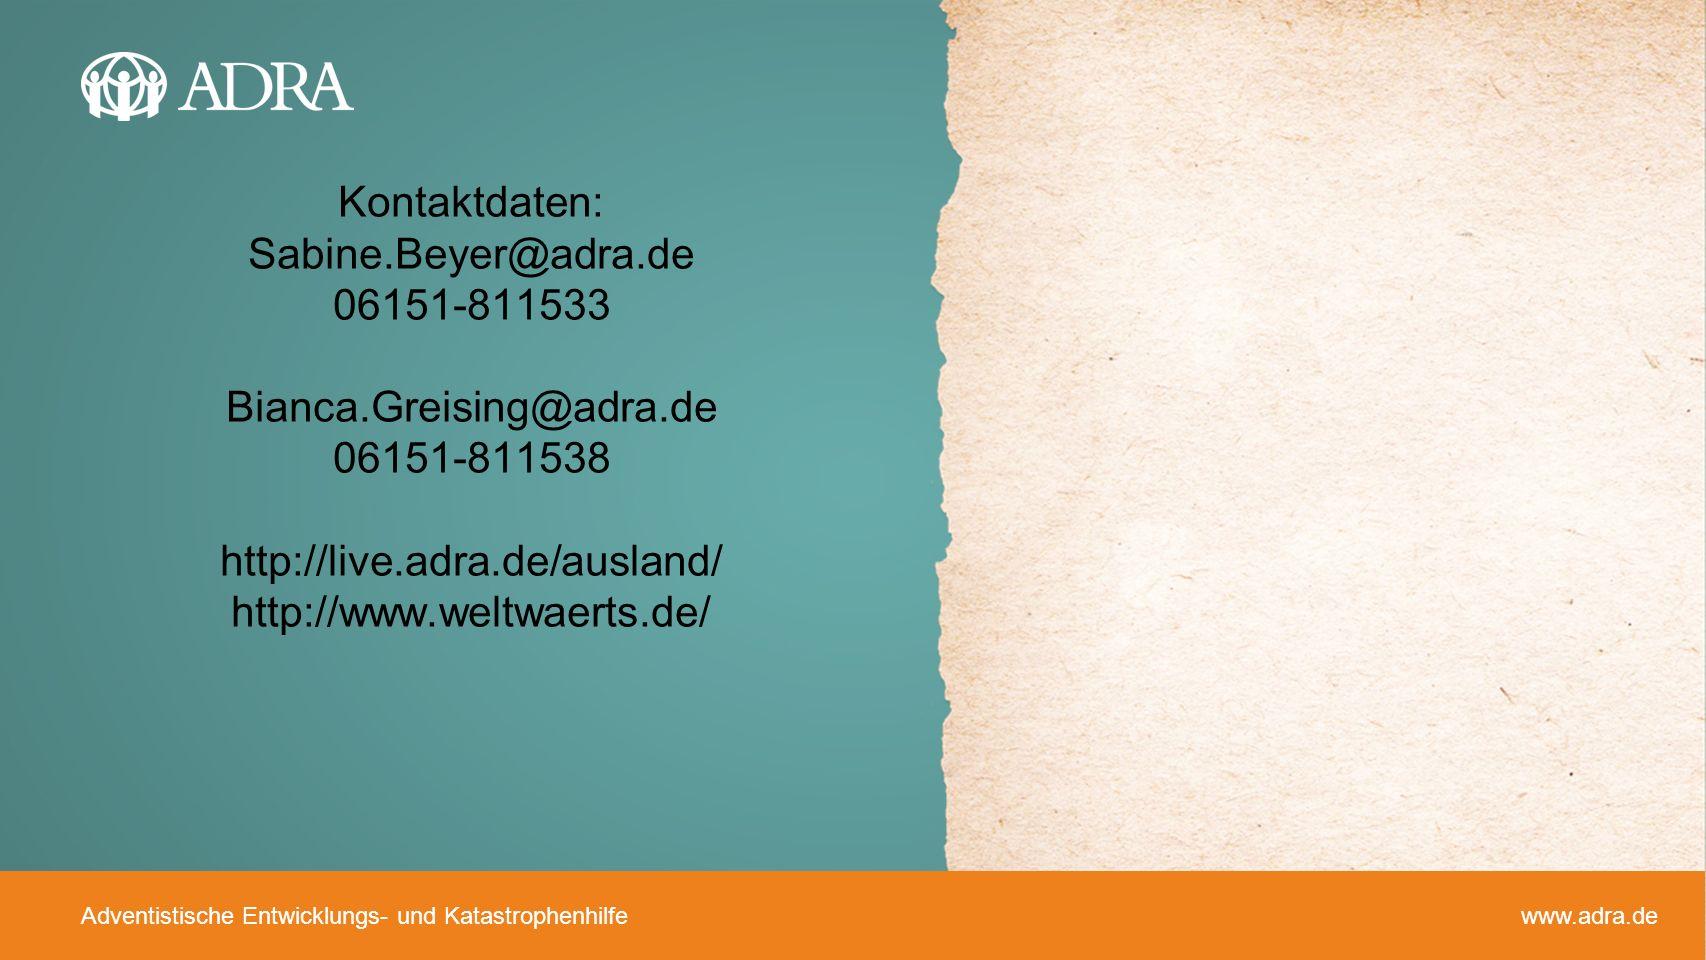 Adventistische Entwicklungs- und Katastrophenhilfe www.adra.de Kontaktdaten: Sabine.Beyer@adra.de 06151-811533 Bianca.Greising@adra.de 06151-811538 ht